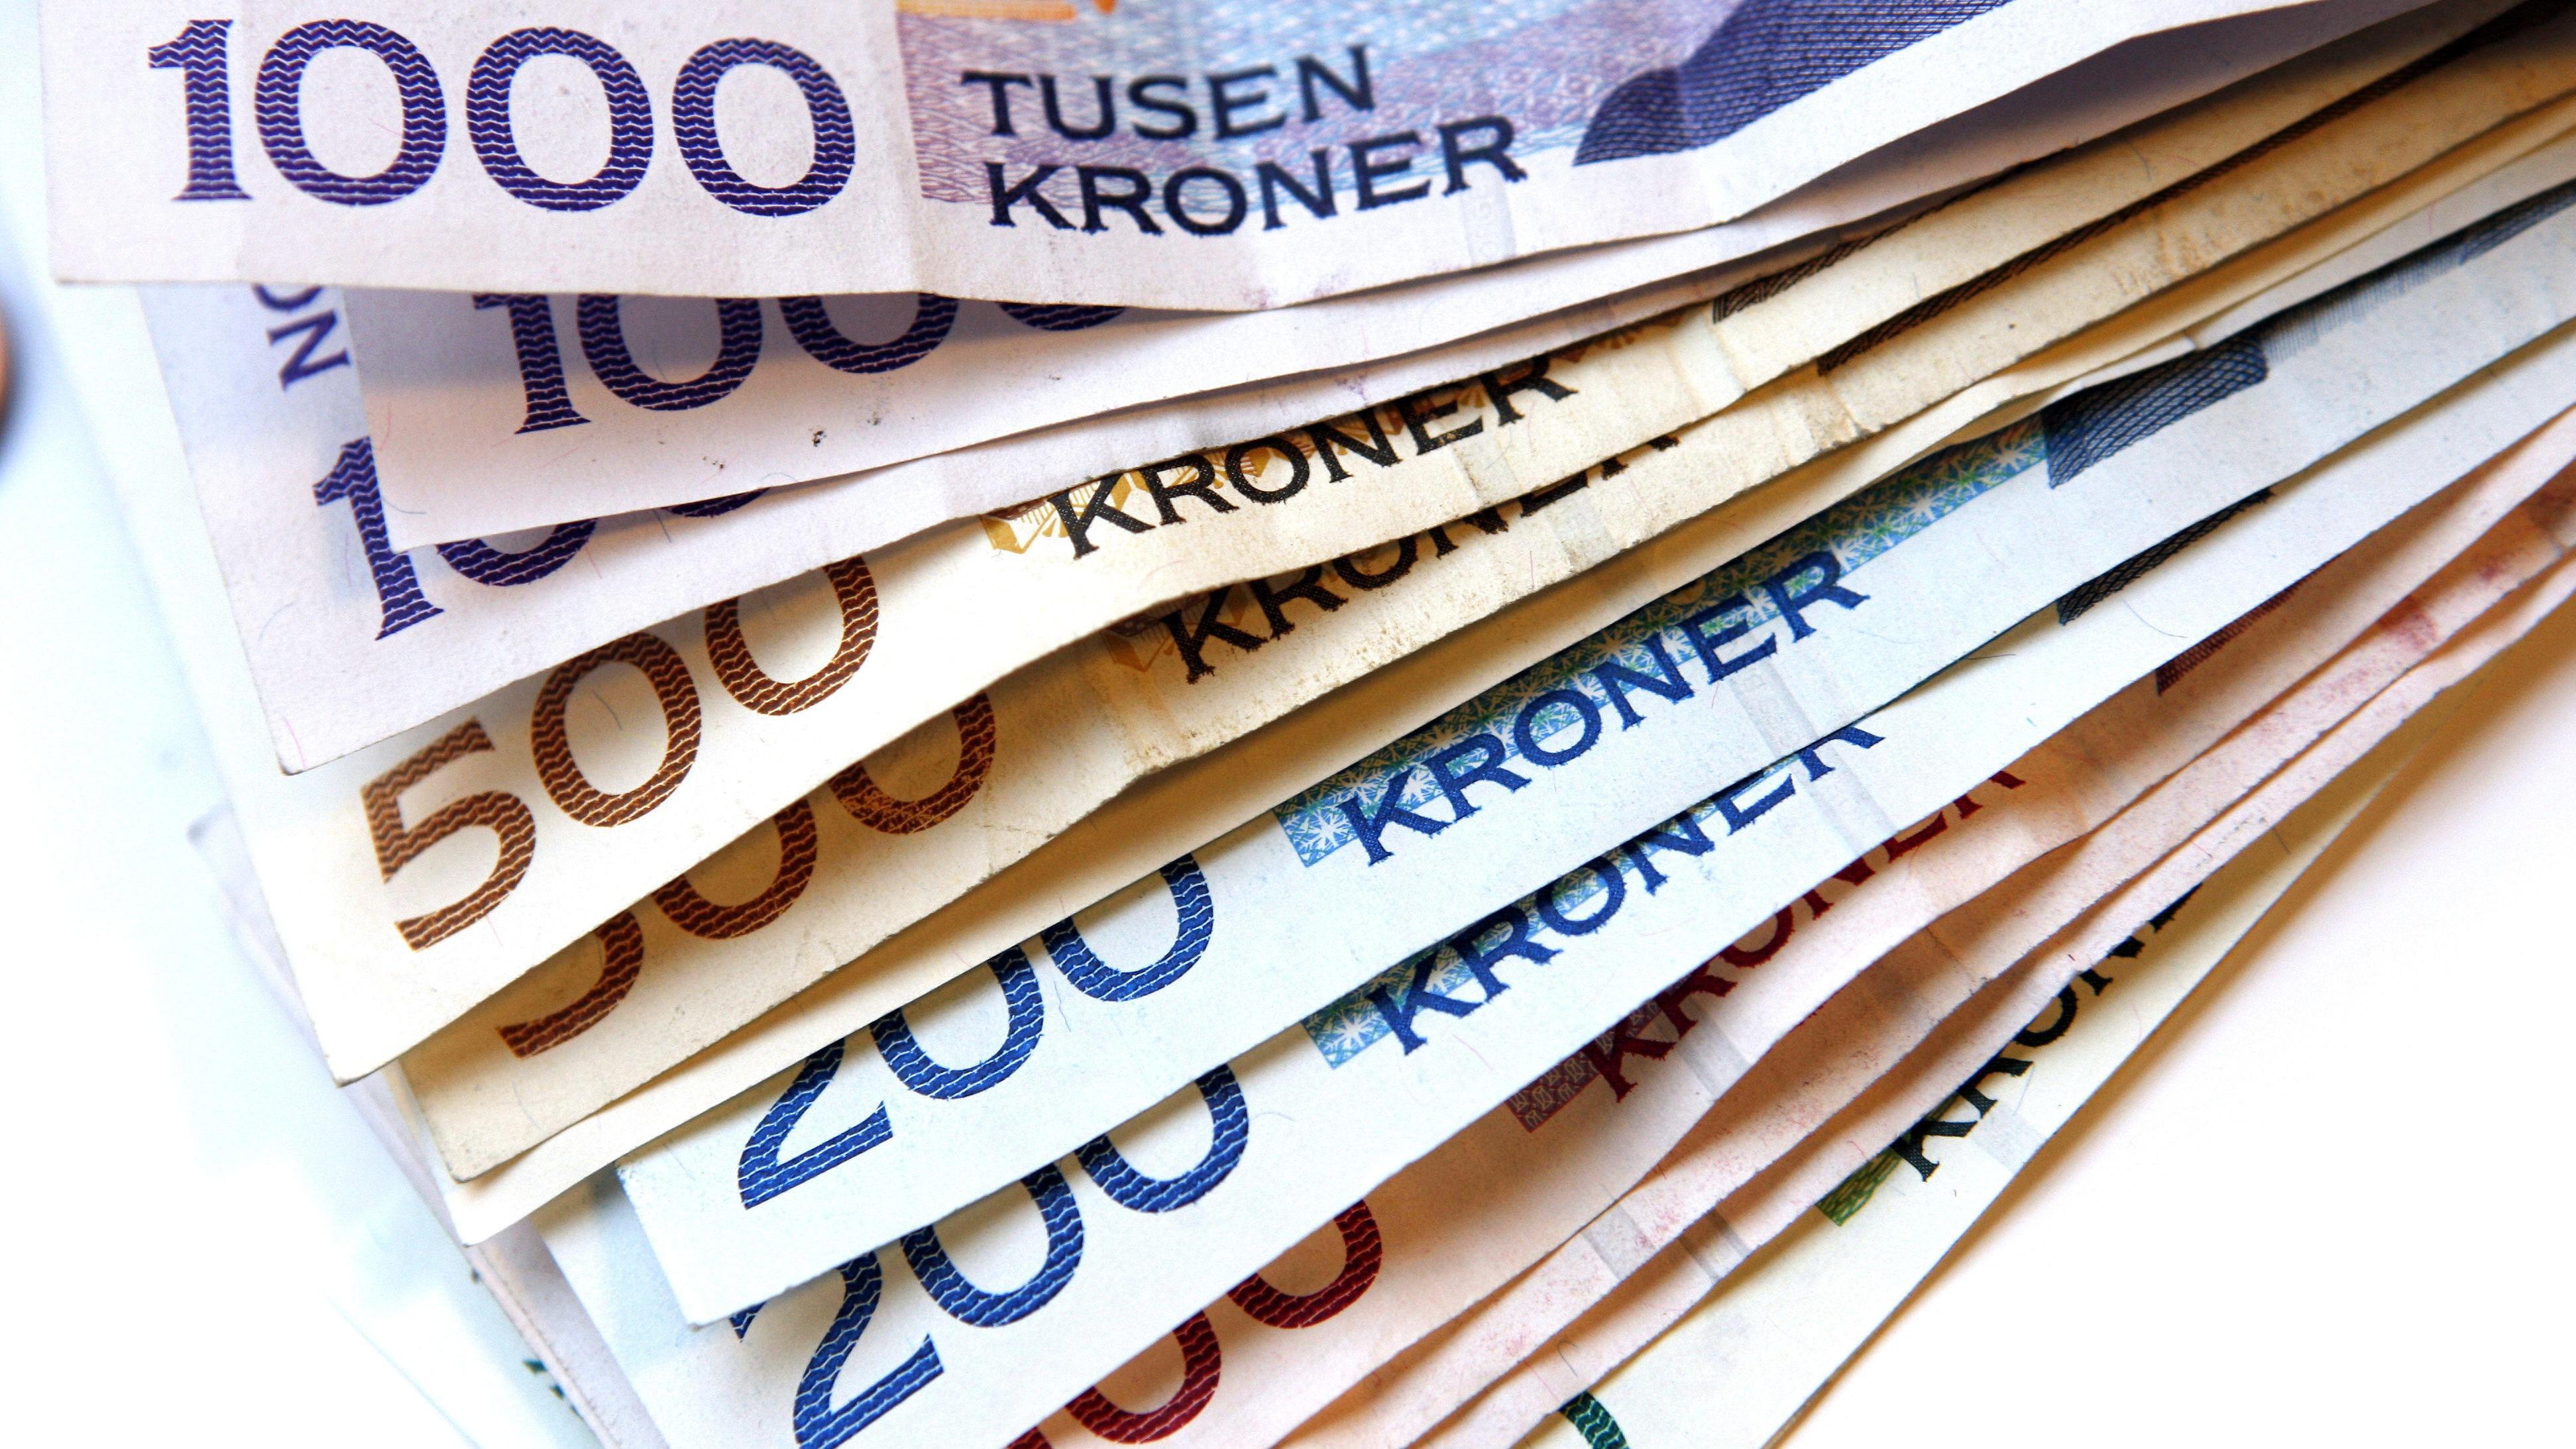 Penger styrer nesten alt i både Norge og verden. Men hvorfor har disse skjøre papirlappene, som ikke kan brukes til noe praktisk, så stor verdi?